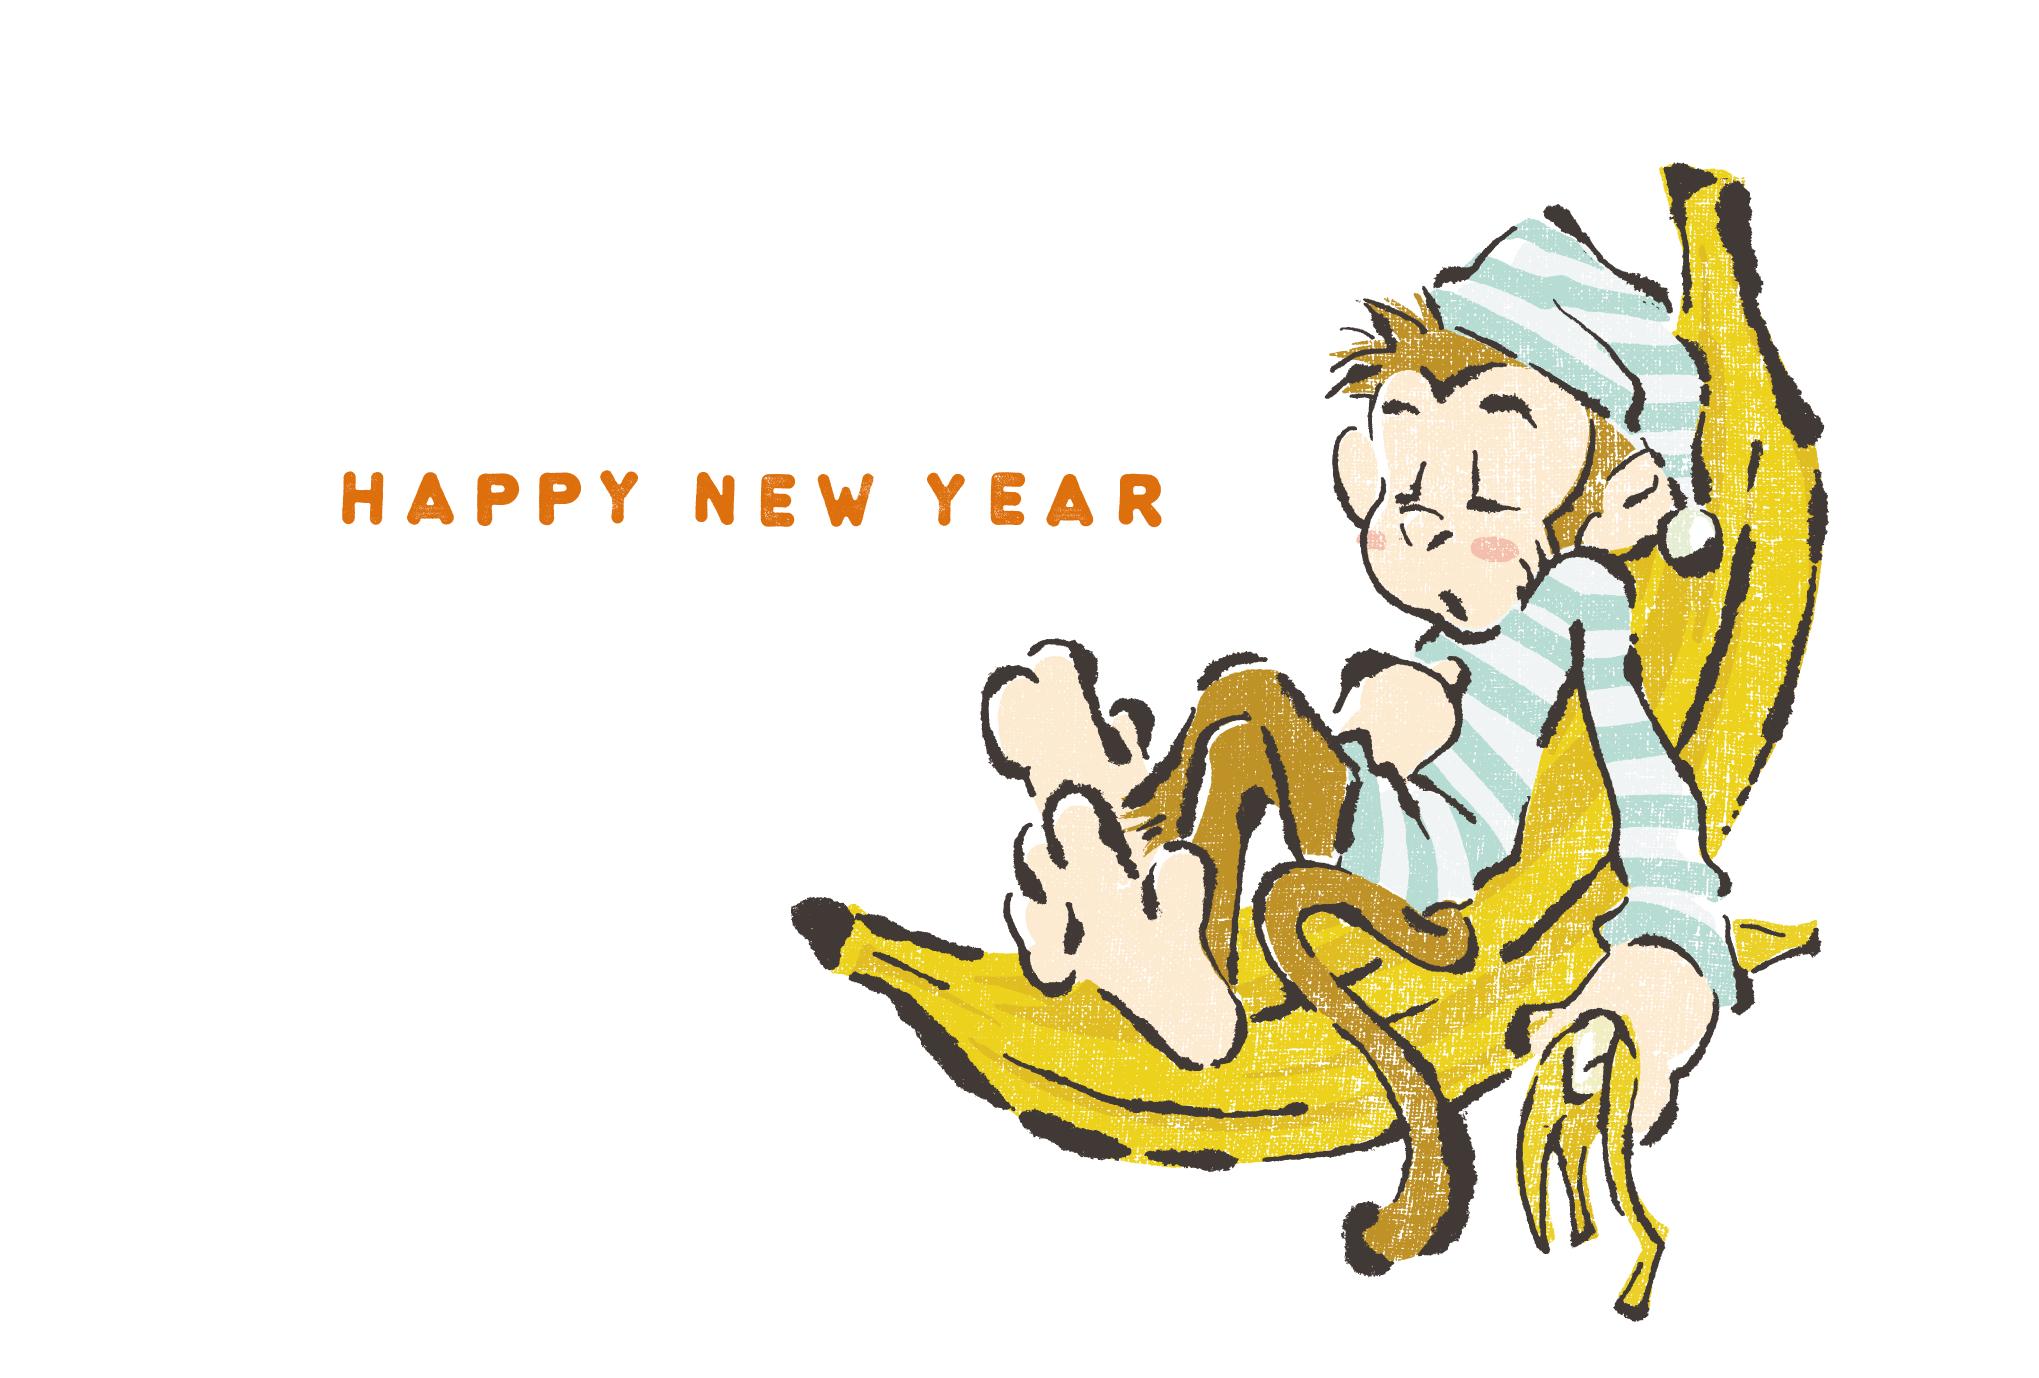 2016年賀状09-1:Crescent banana / redraw 1のダウンロード画像